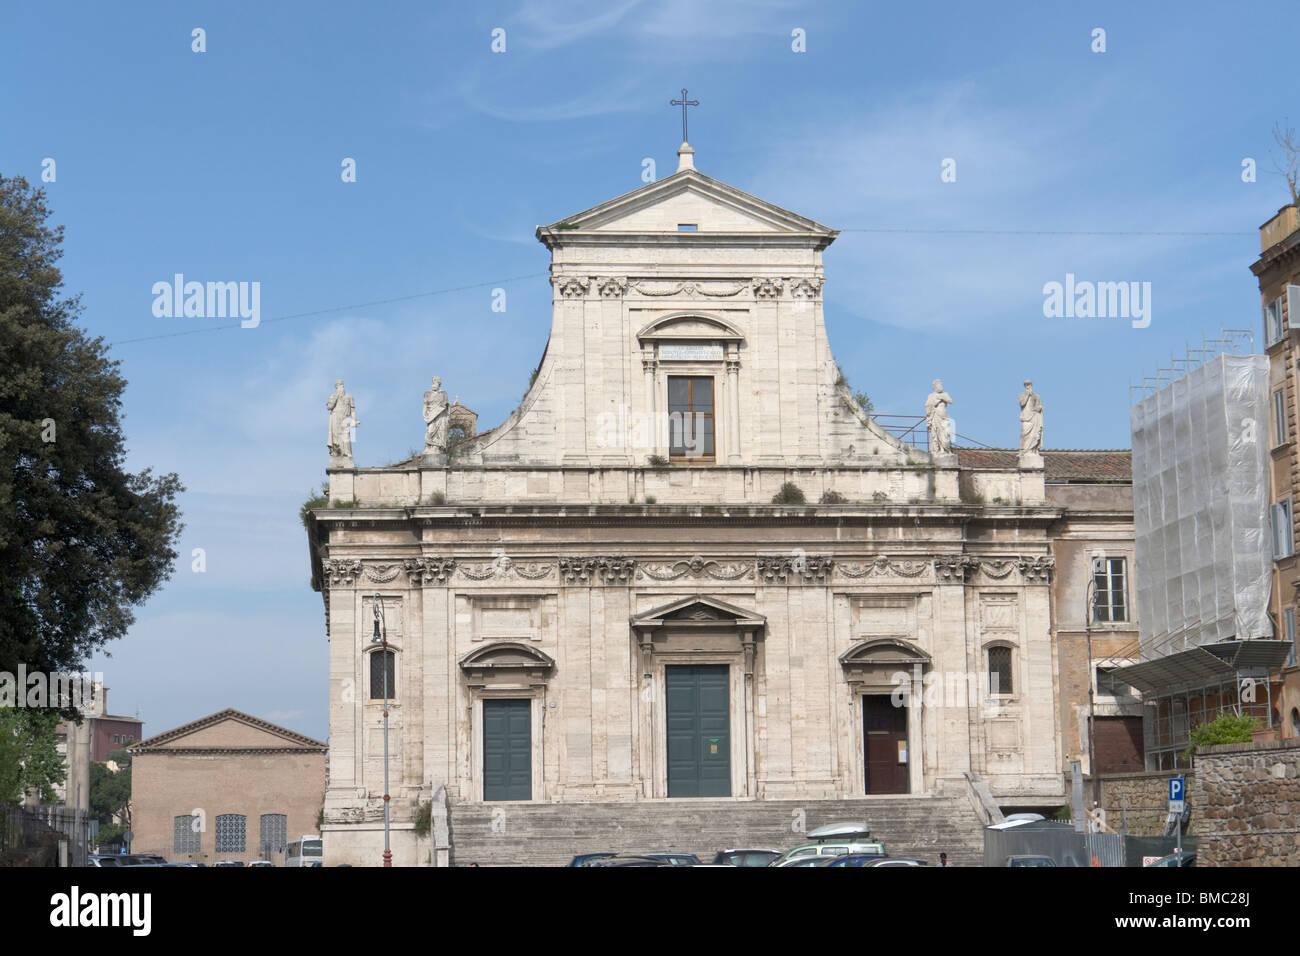 Rome, Italy. The church Santa Maria della Consolazione on the slopes of the Capitoline Hill. - Stock Image